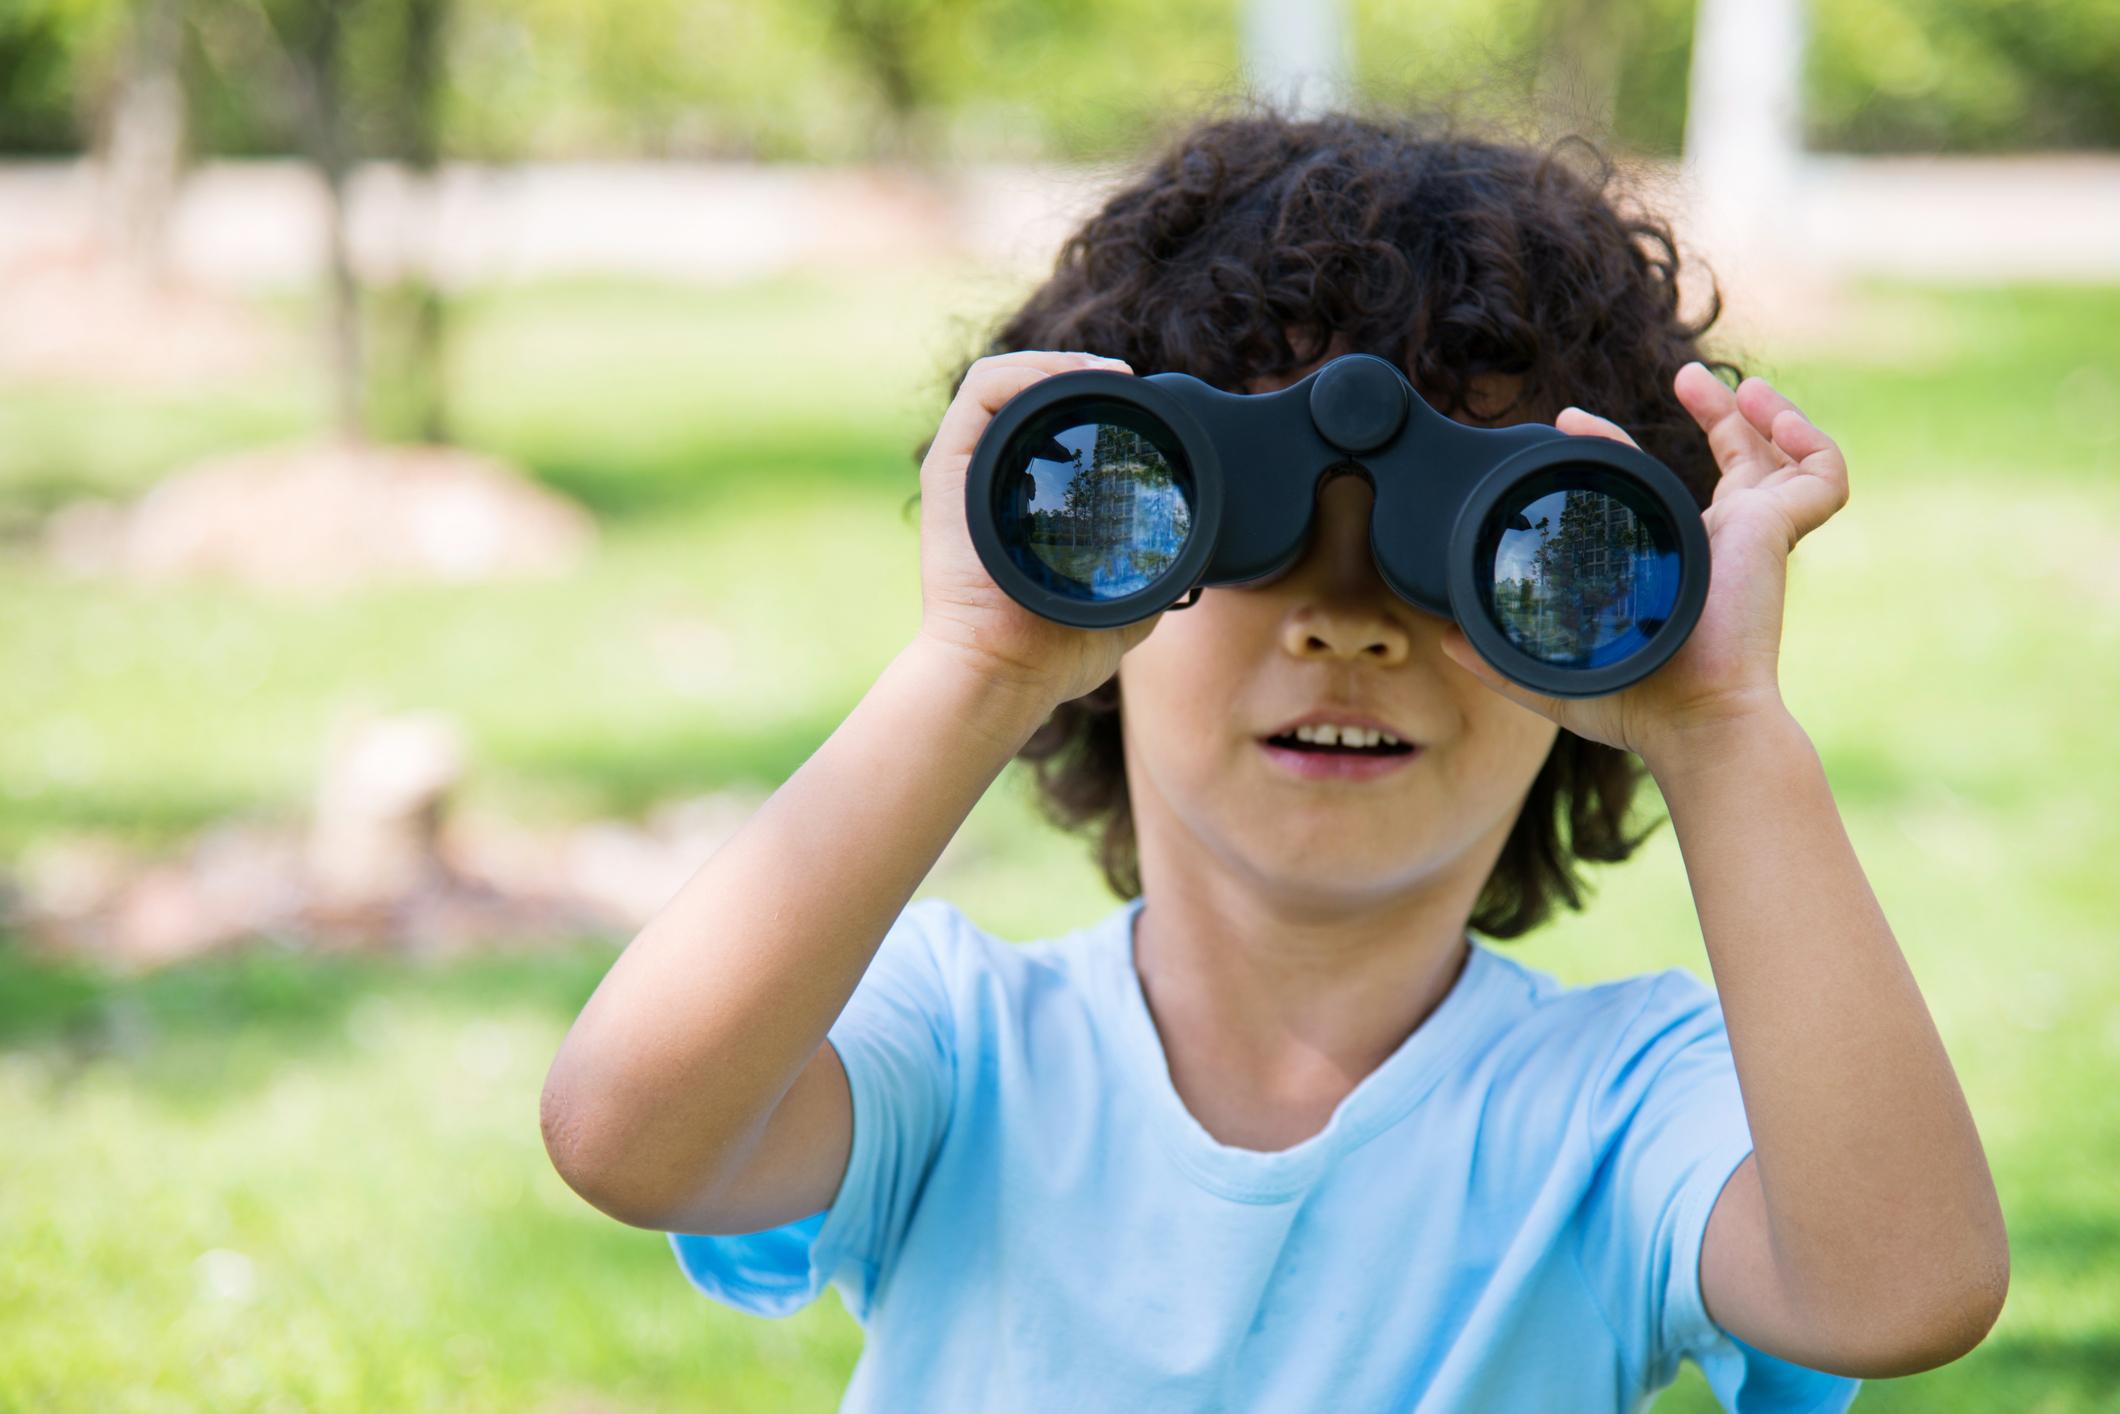 Little boy holding a binocular at park.